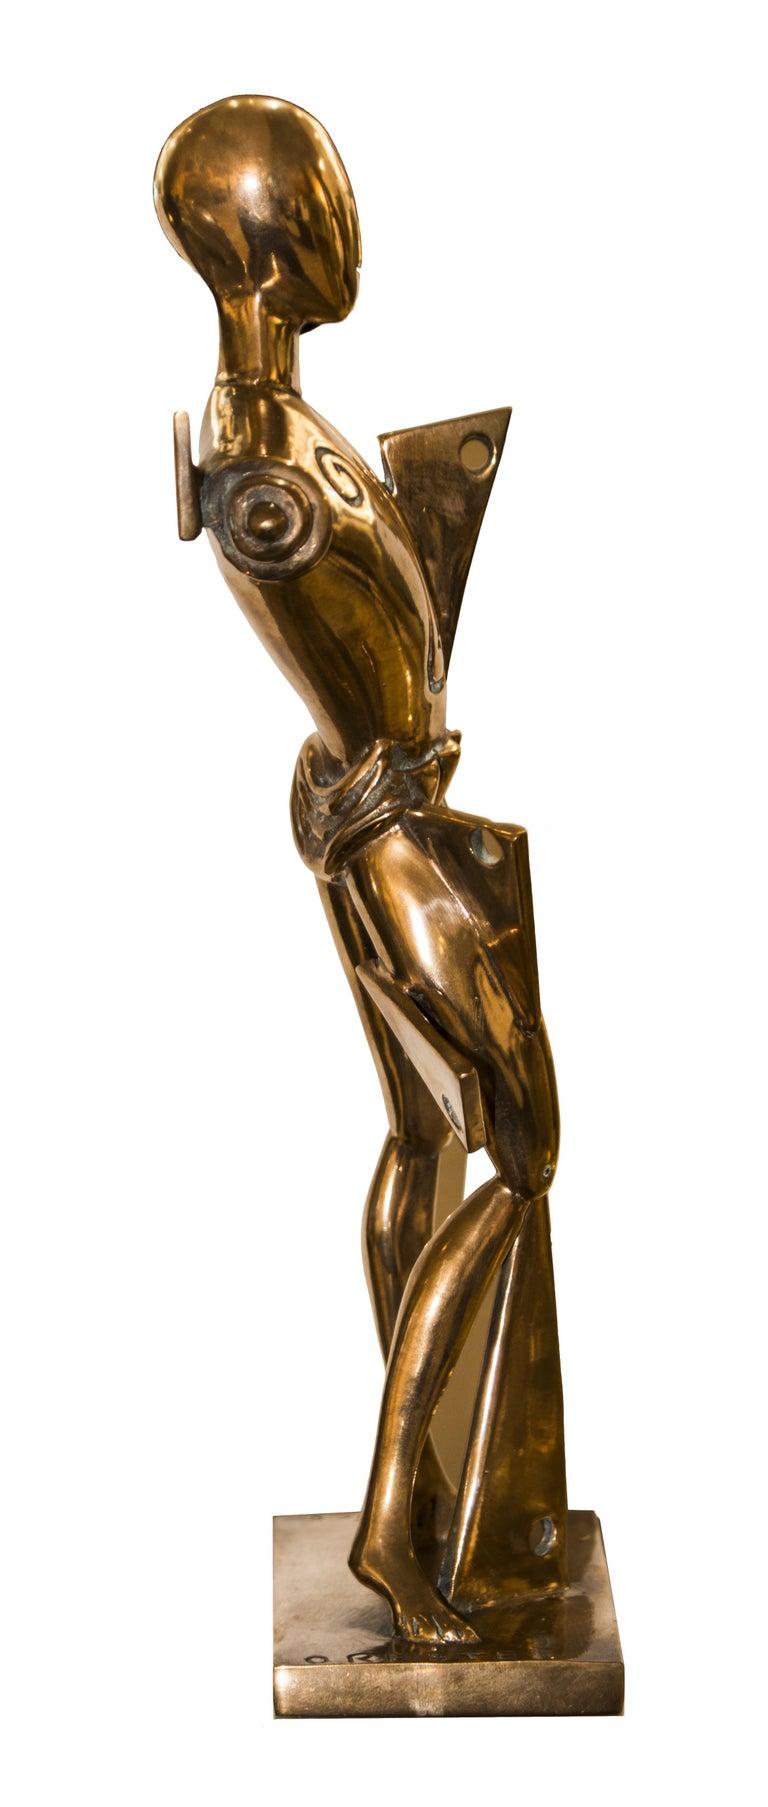 20th Century Orest, Lost-Wax Cast Statue by Giorgio De Chirico, 1985 For Sale